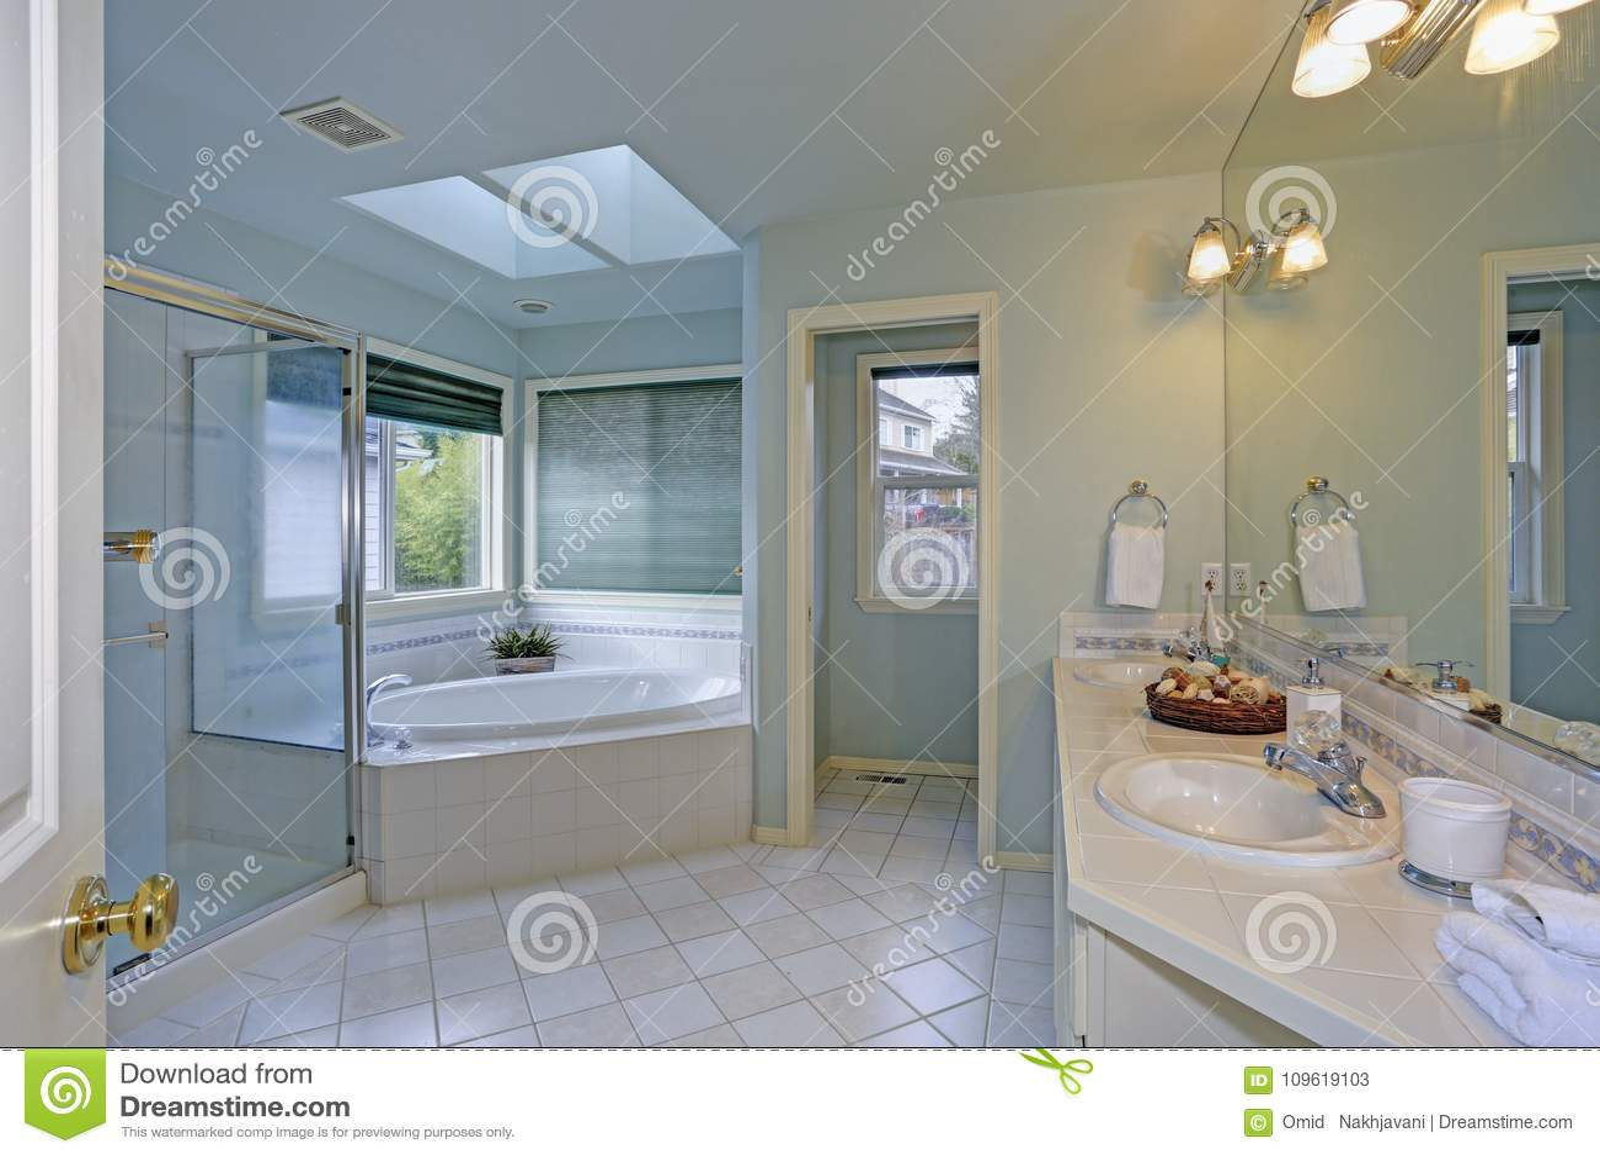 Meuble Haut Salle De Bain Ikea ~ Salle De Bains L Gante Avec La Lucarne Image Stock Image Du